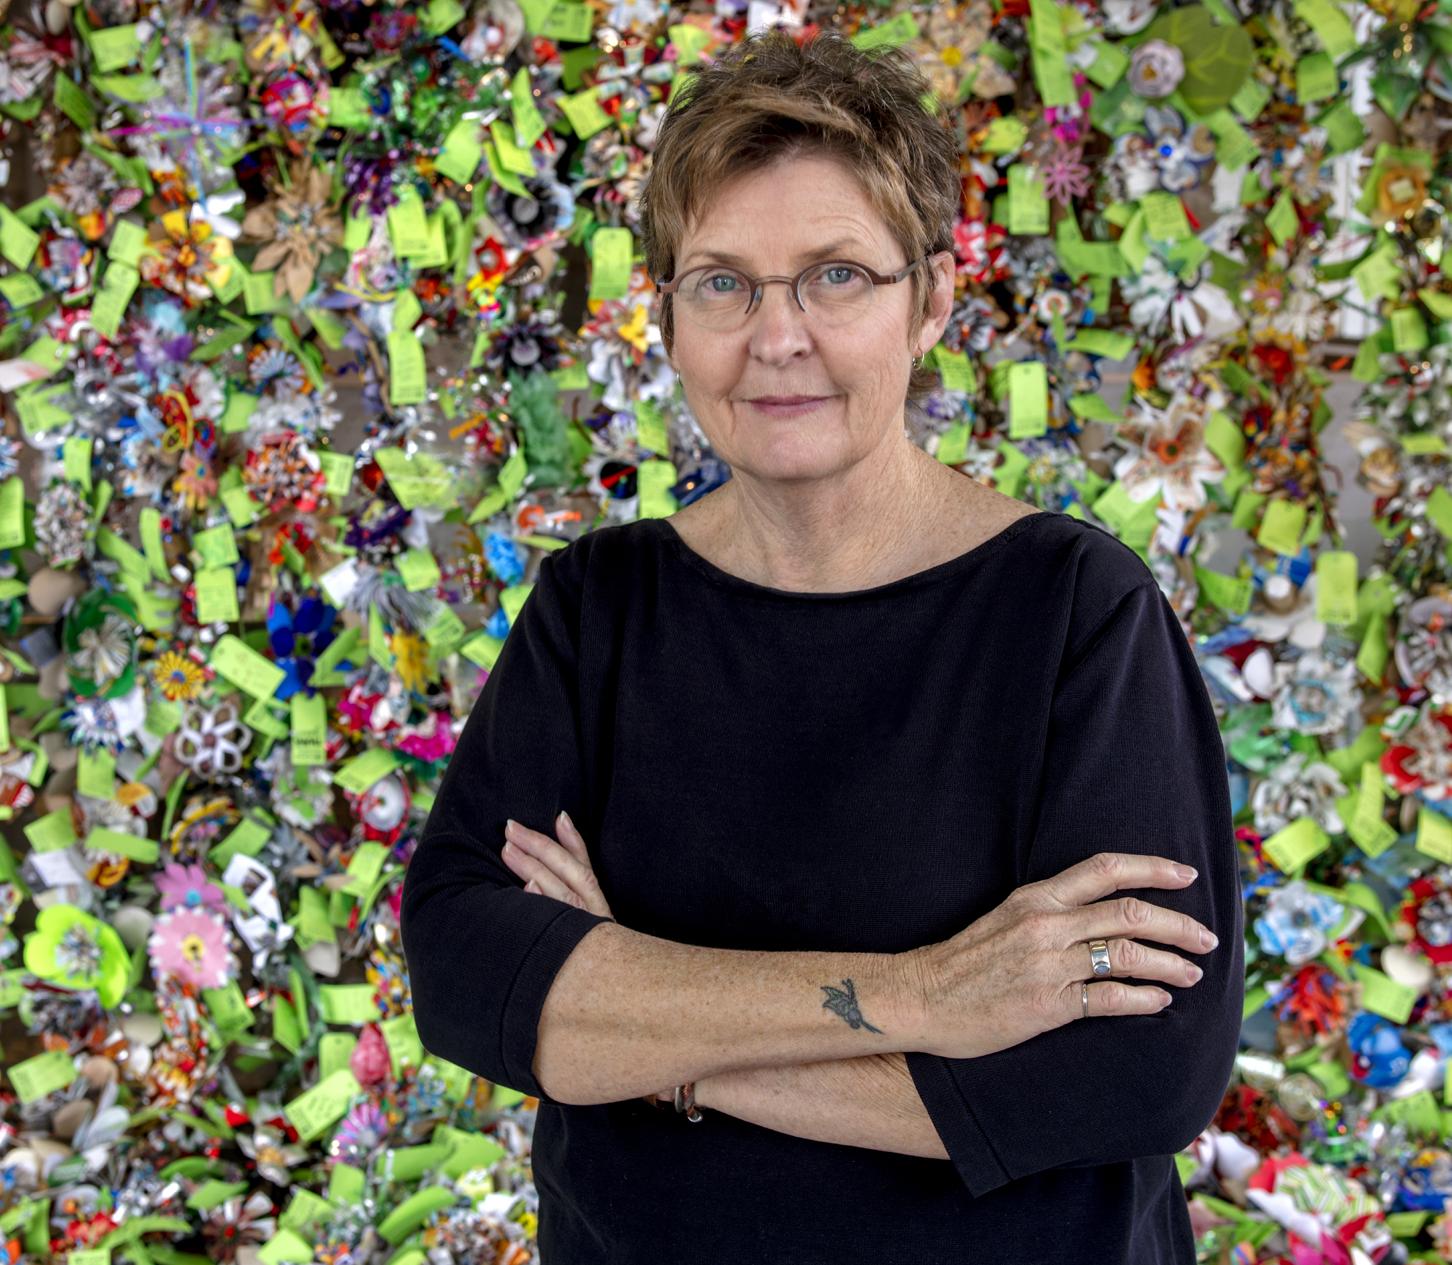 Ann Morton